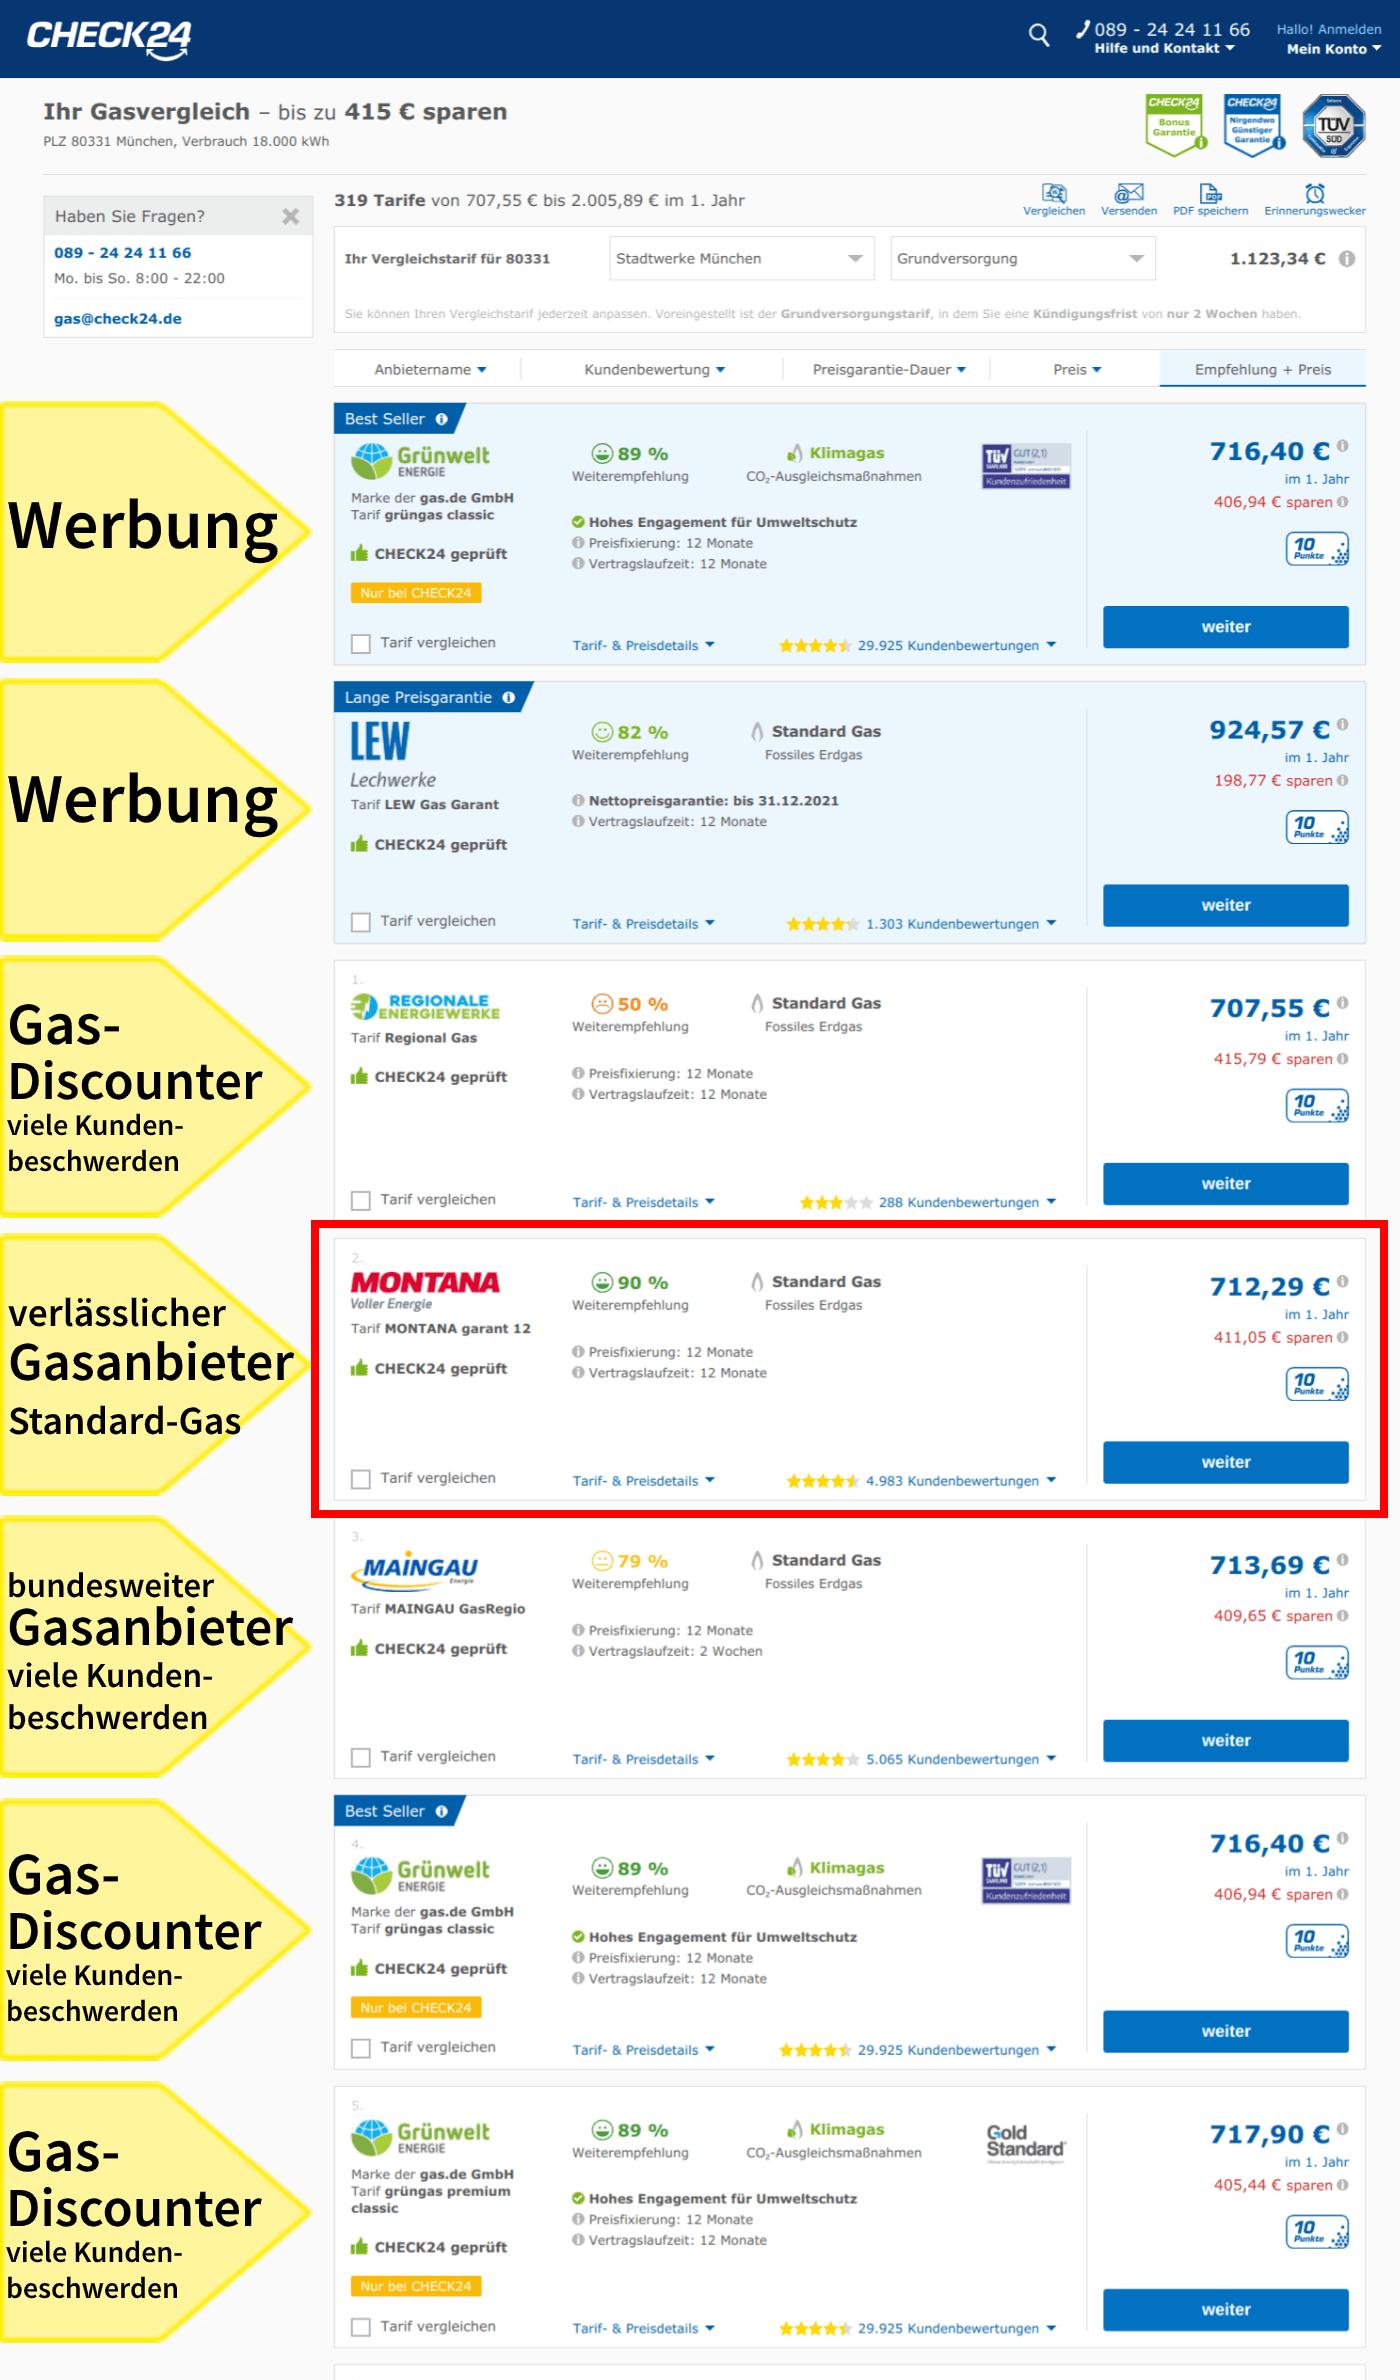 Gasanbieterwechsel München Gastarife einmaliger Wechsel Vergleichsportal Check 24